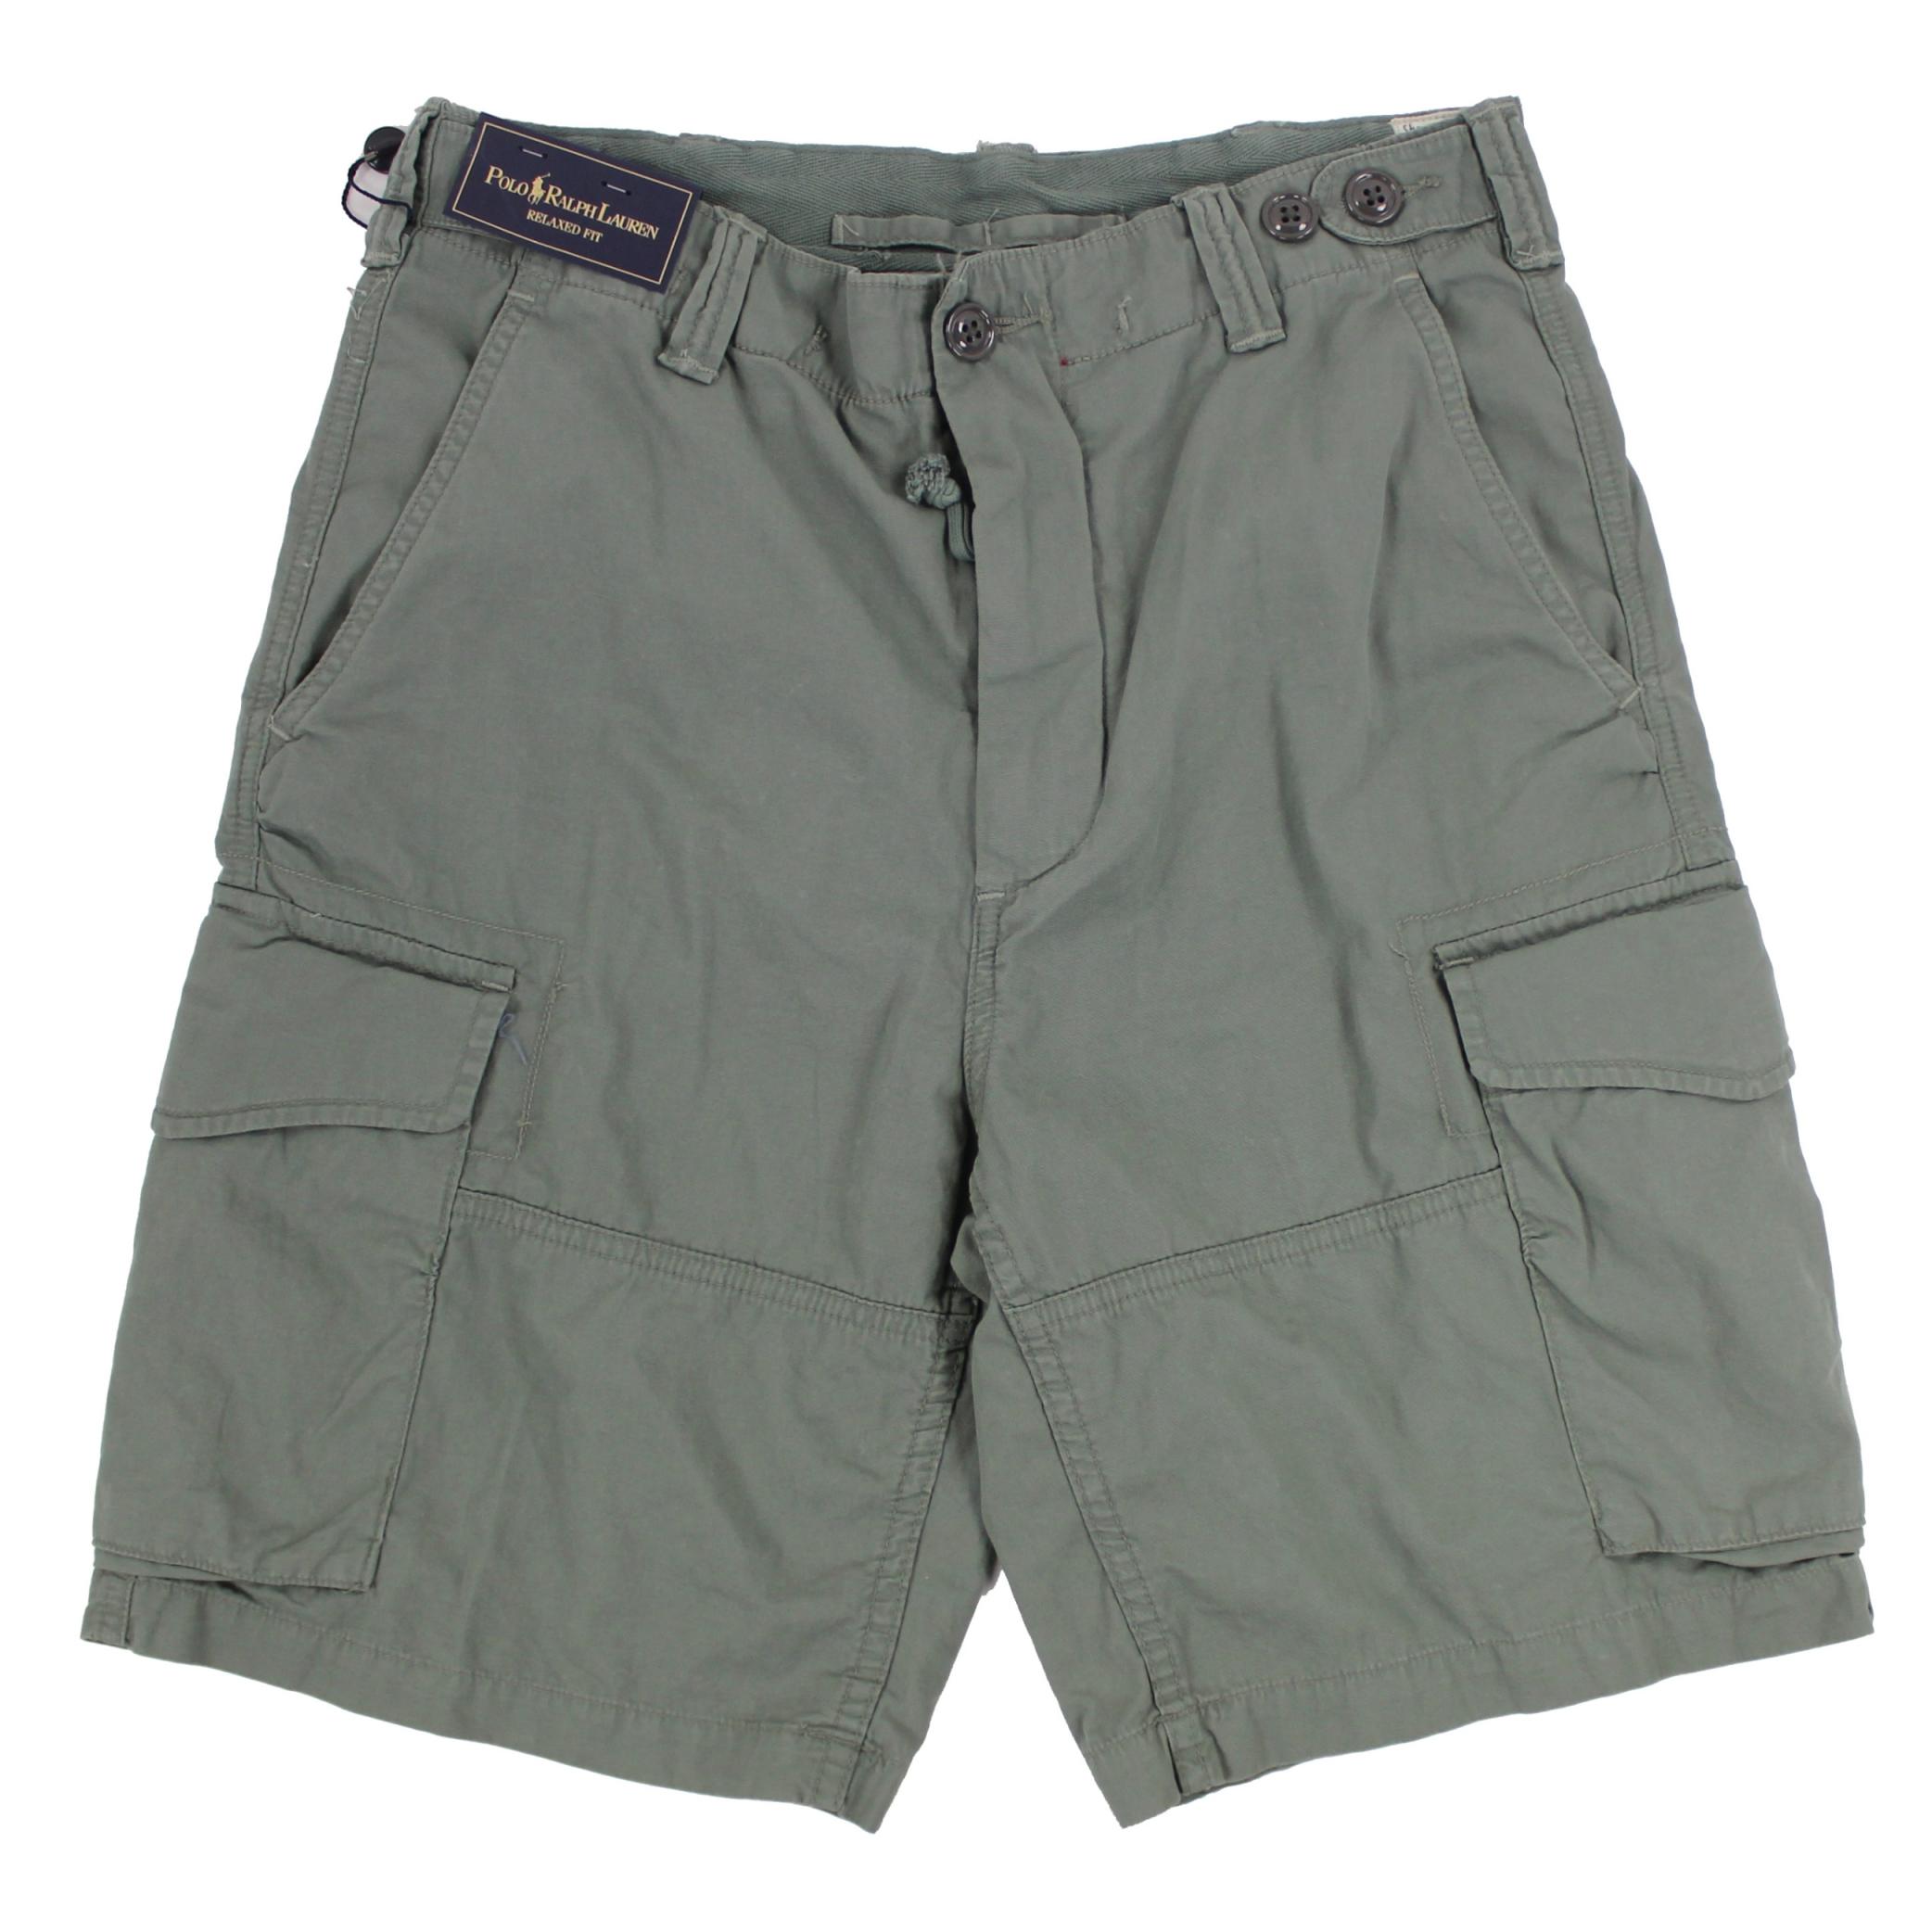 美國百分百【全新真品】Ralph Lauren 褲子 RL 男褲 POLO 短褲 工作褲 淡綠色 30腰 E111